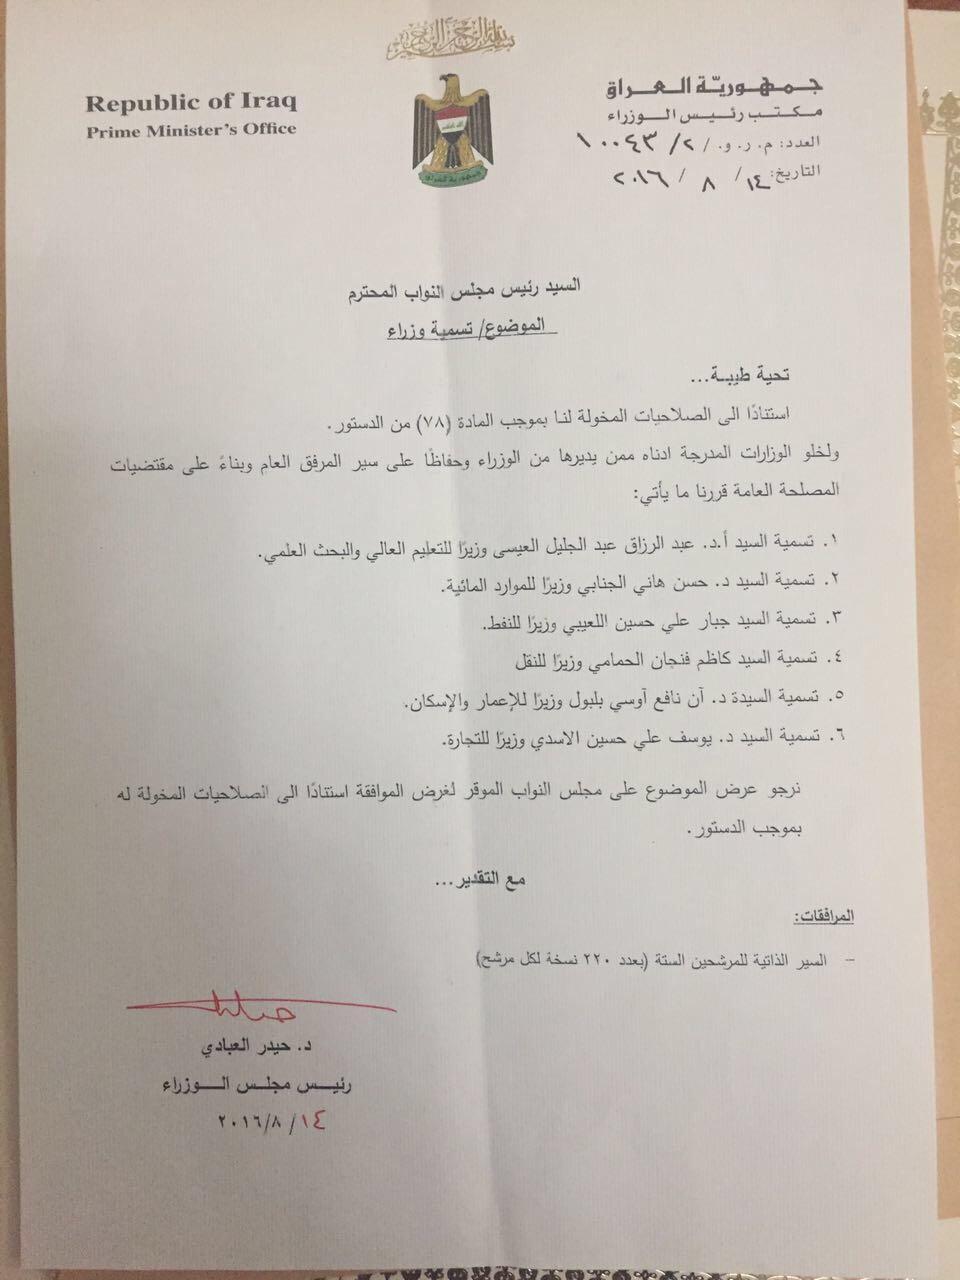 مراسلنا: مجلس النواب يصوت على عبد الرزاق العيسى وزيراً للتعليم وحسن الجنابي للموارد والعيبي للنفط